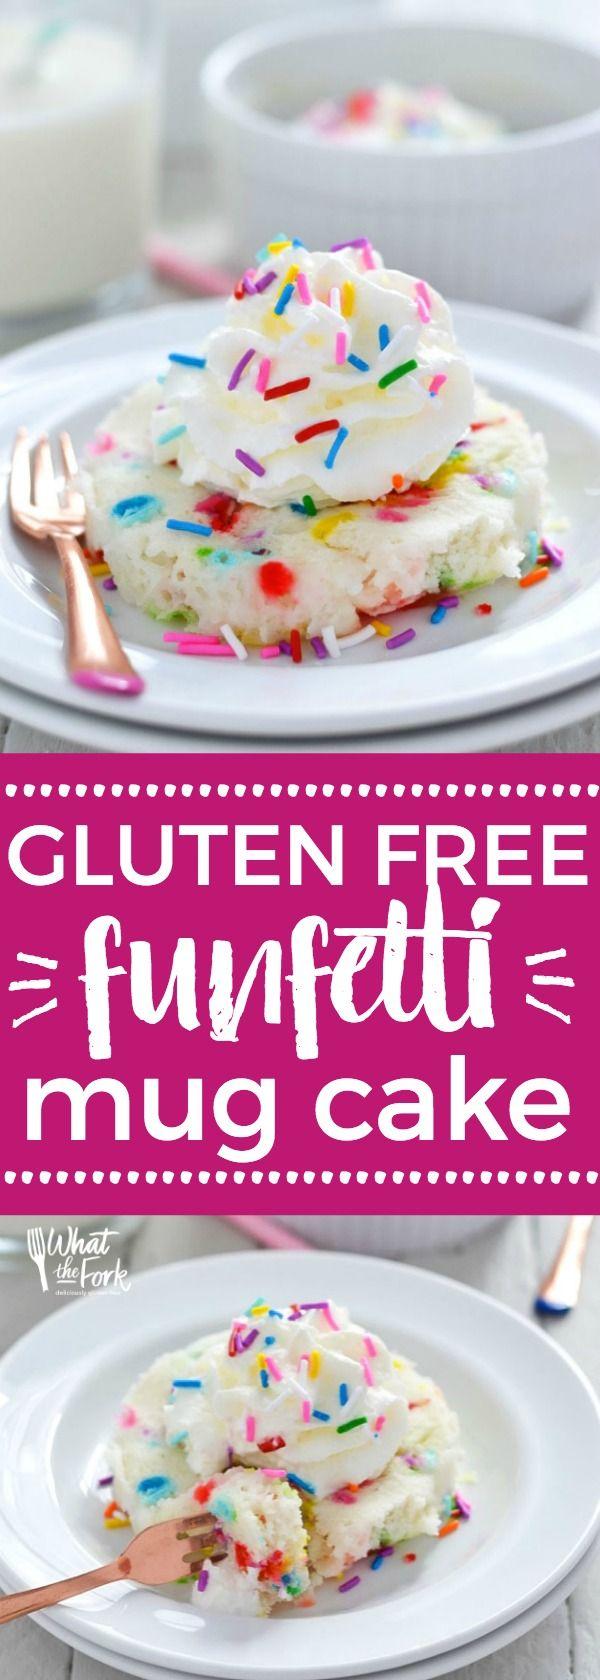 무글루텐 펀페티 머그 케이크